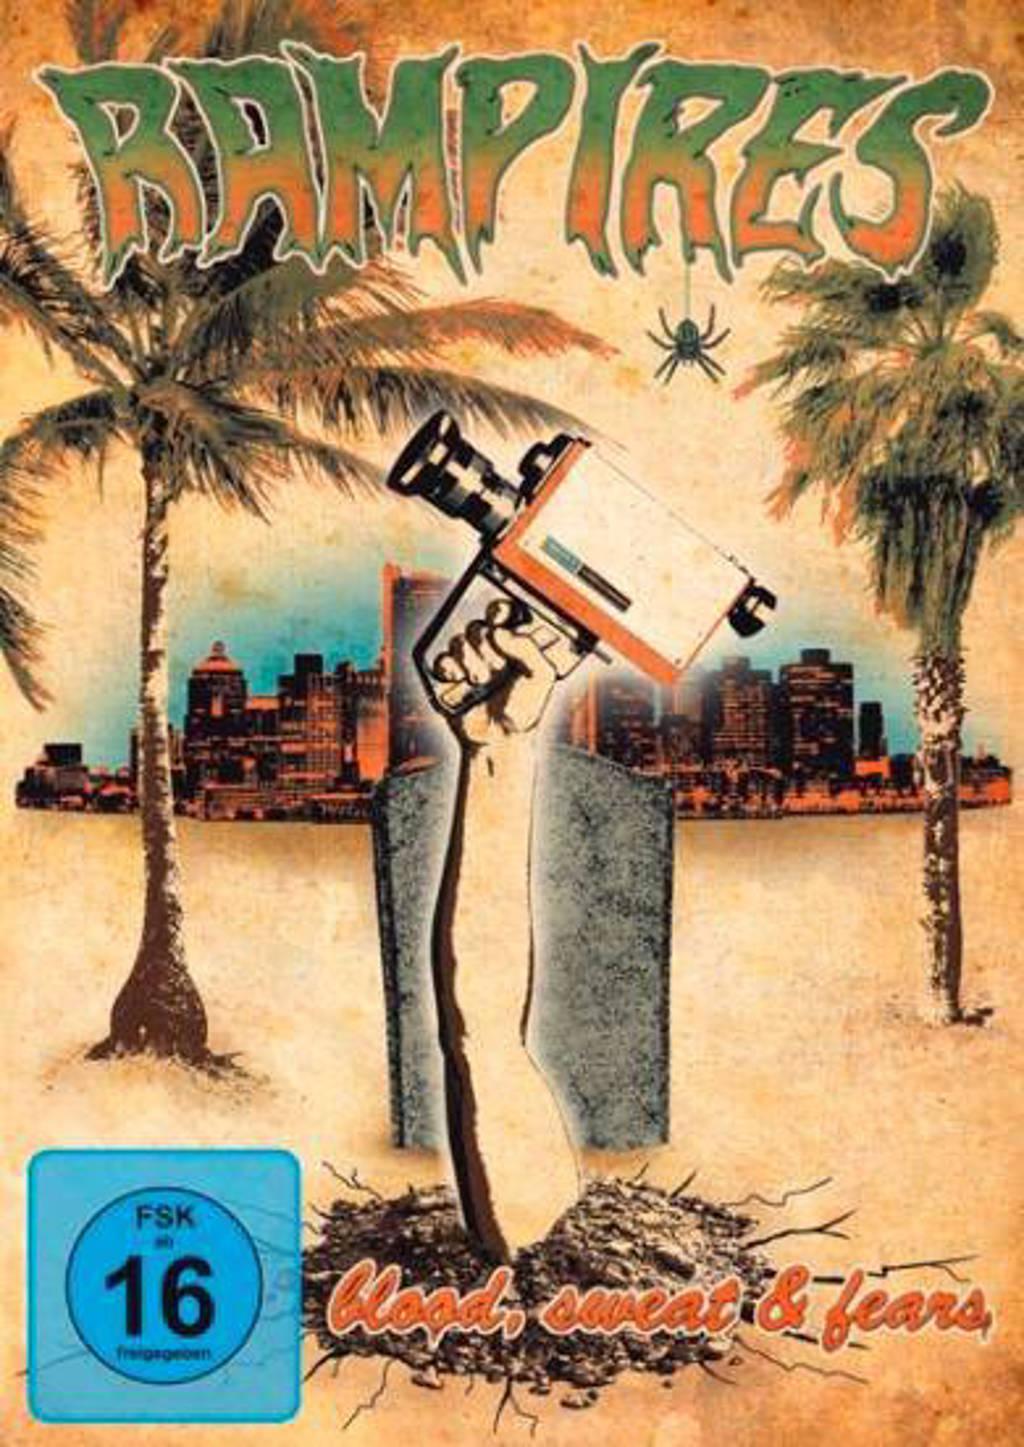 Rampires - Blood, Sweat & Fears (DVD)